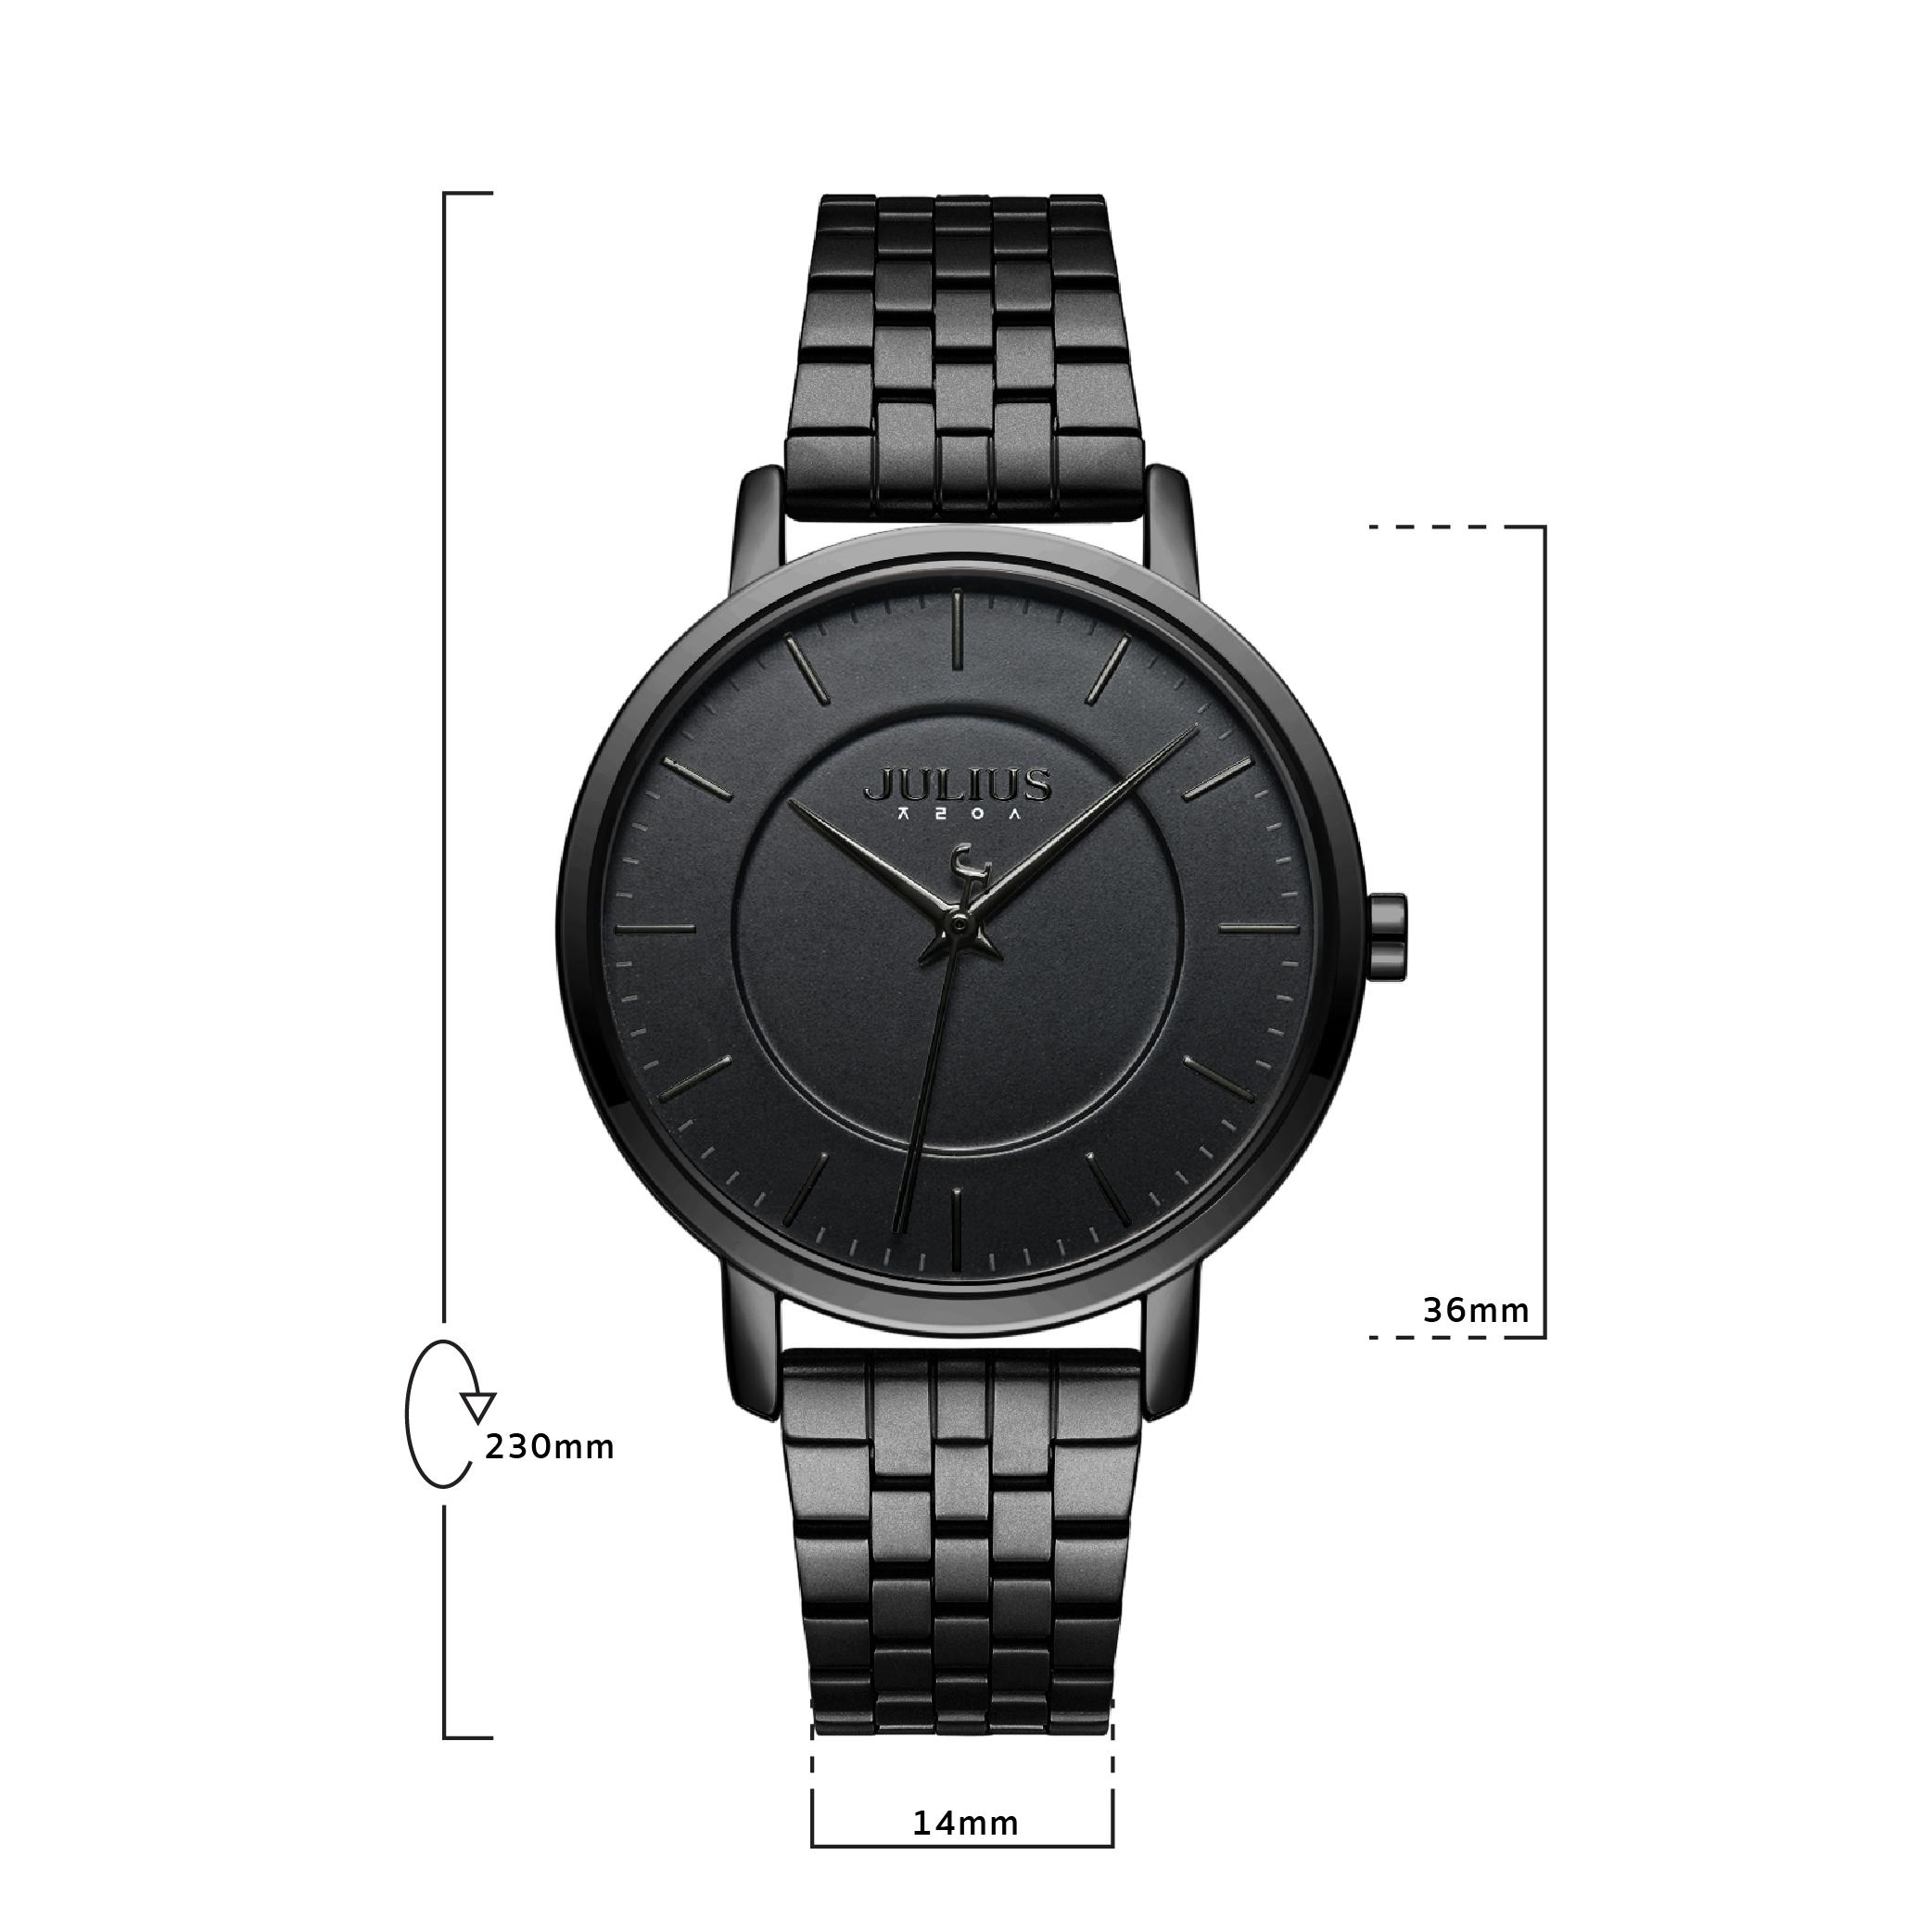 นาฬิกาข้อมือผู้หญิง JULIUS JA-1246 D